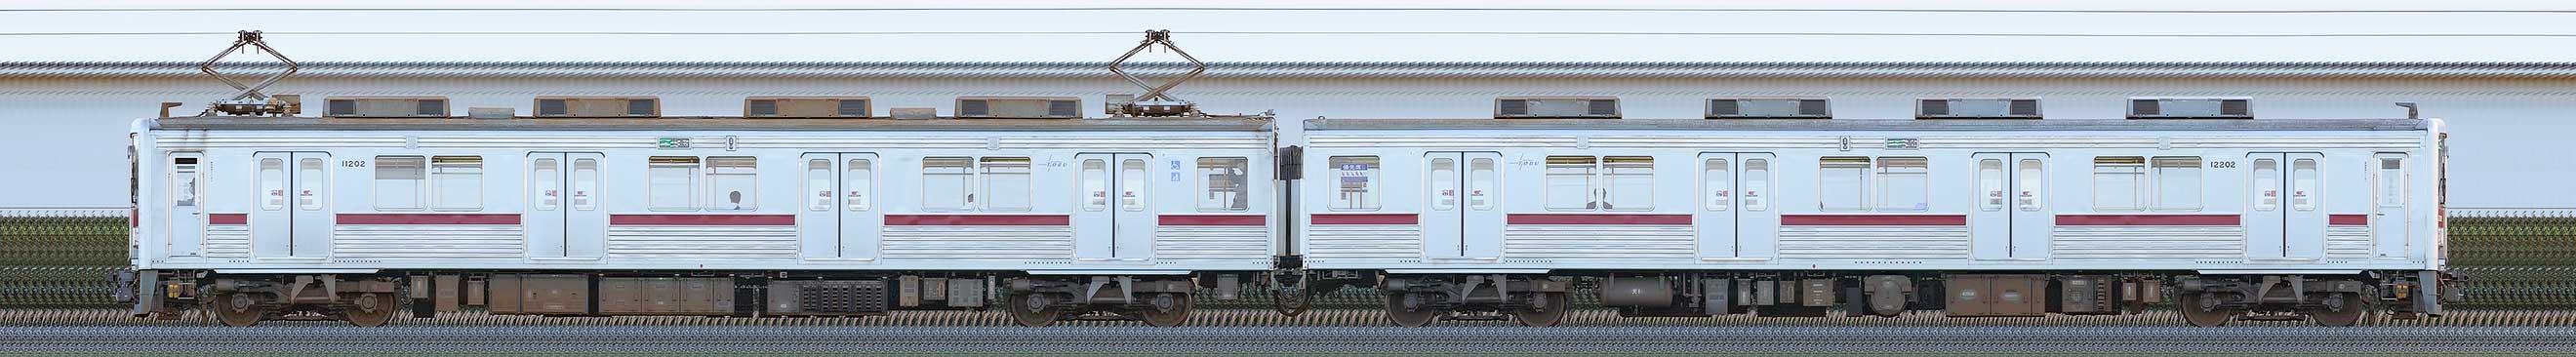 東武10000型11202編成(海側)の編成サイドビュー